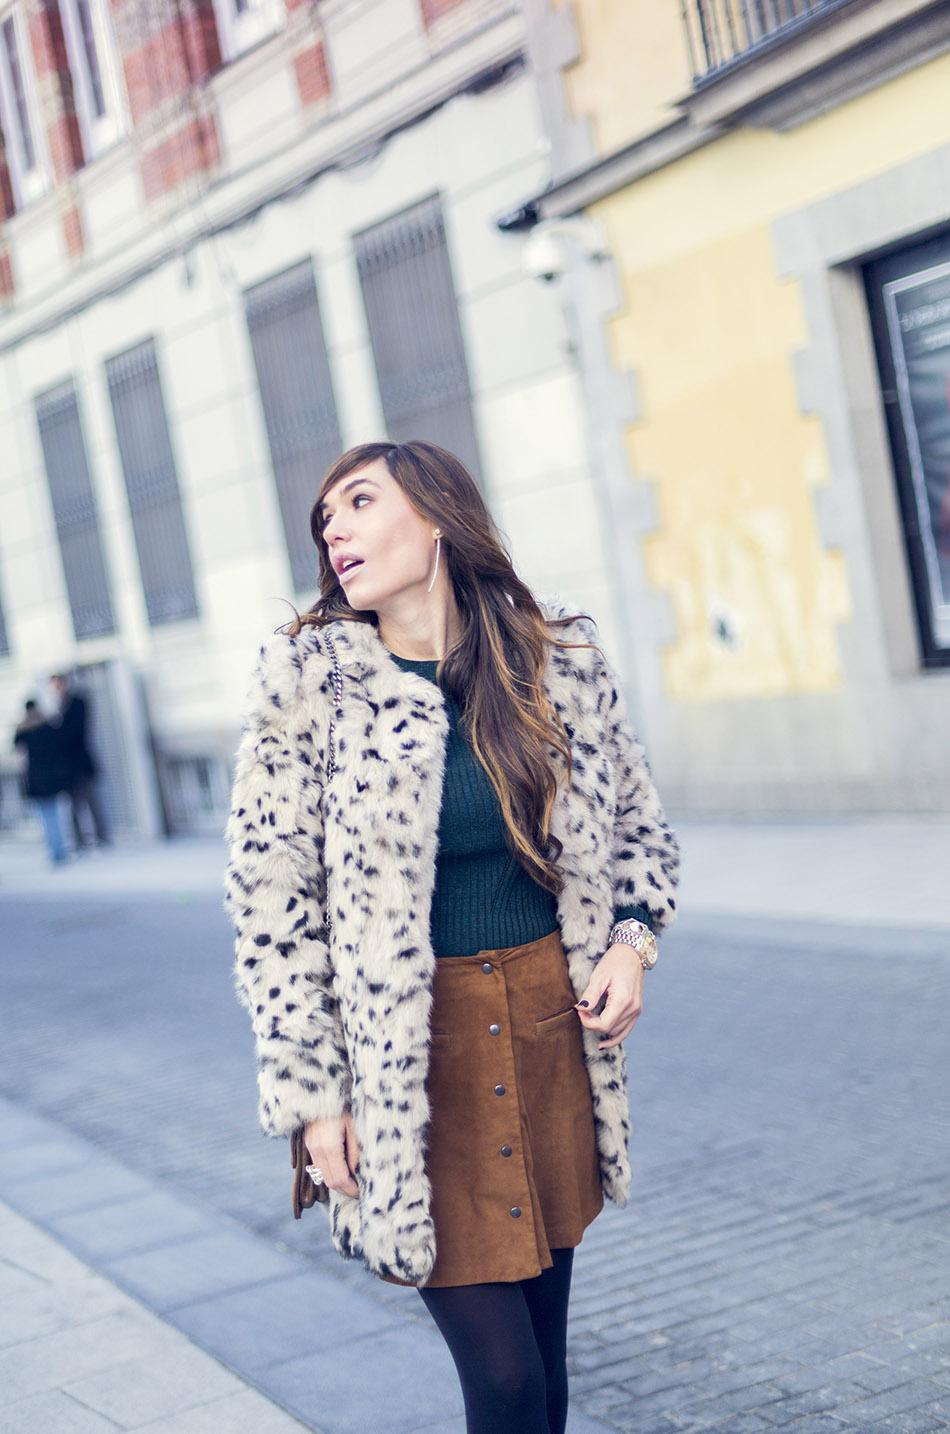 december-outfits-review-2016-street-styles-barbara-crespo-blogger-moda-07